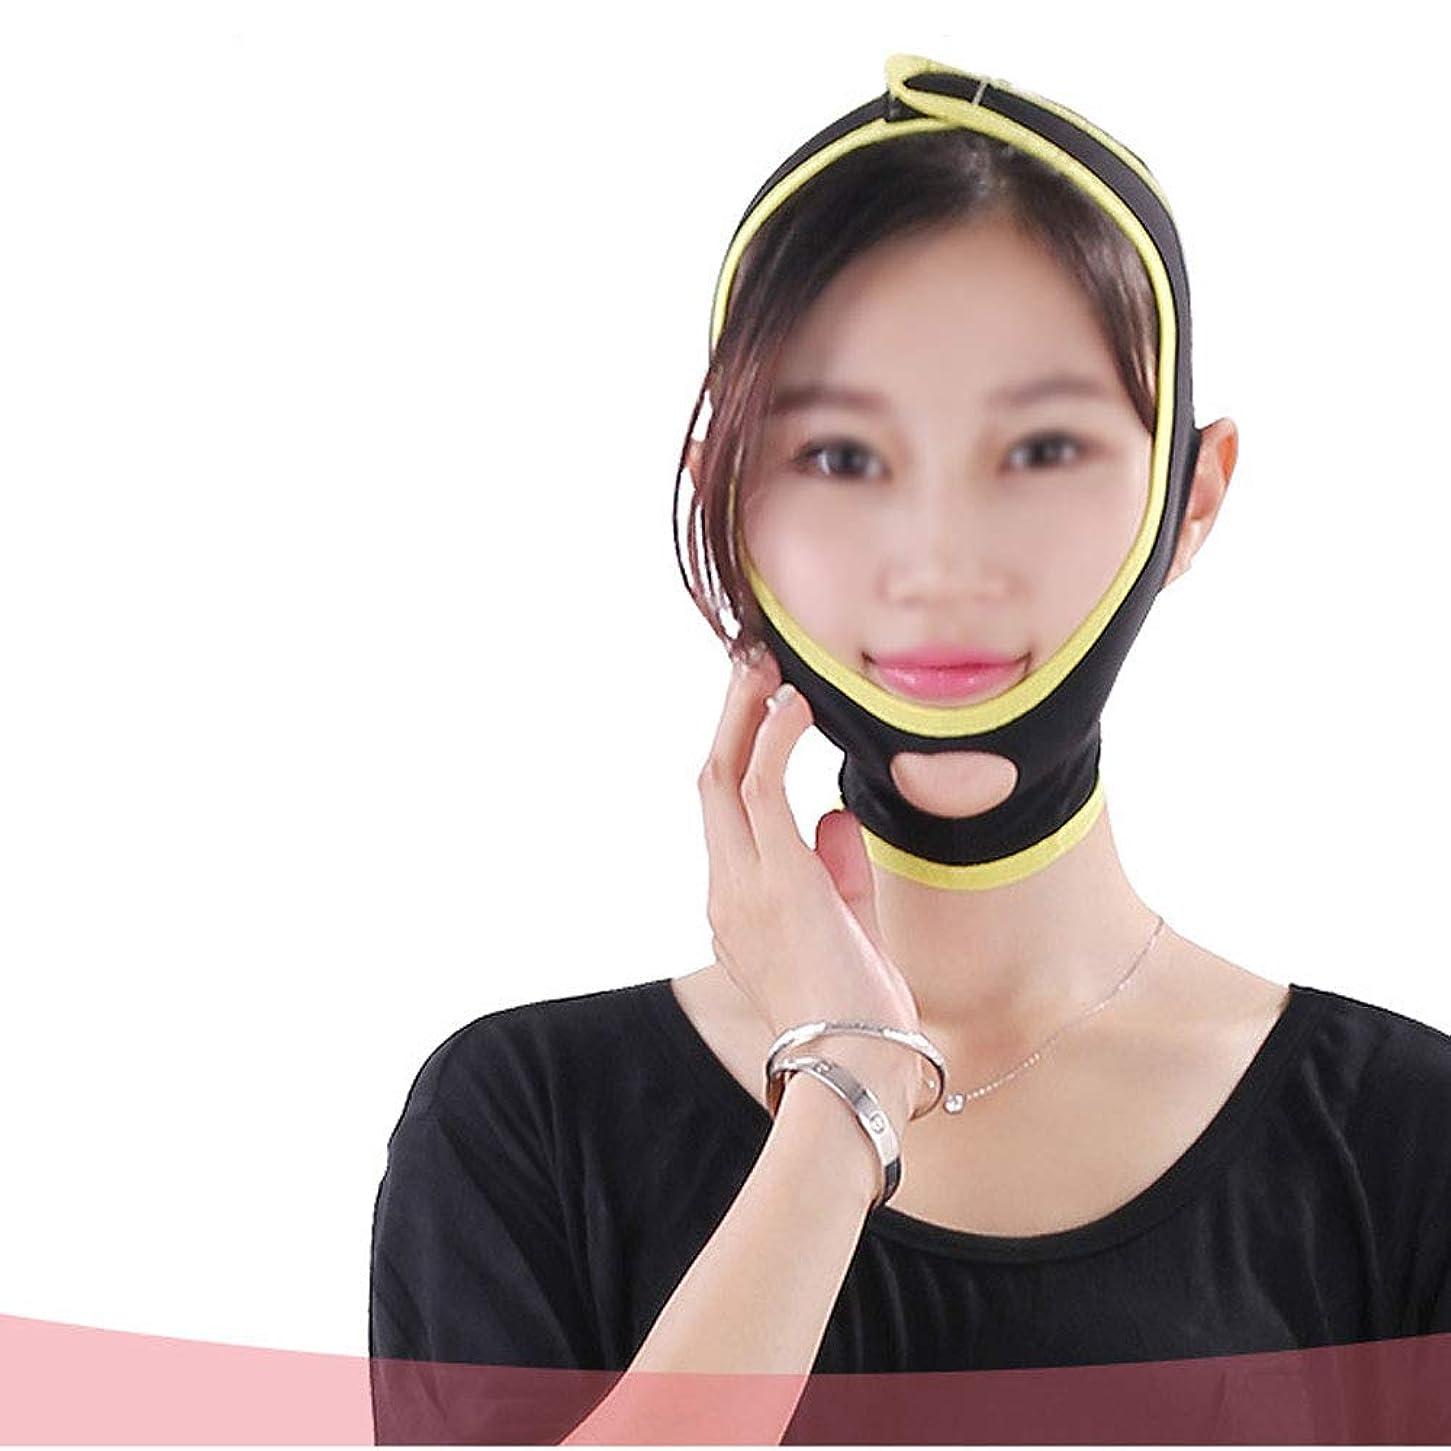 マラウイヘビー柔らかいTLMY 薄い顔包帯通気性睡眠小さいVフェイスマスクリフティング引き締め肌アーティファクトは二重あご顔の減量包帯を減らす 顔用整形マスク (Size : L)